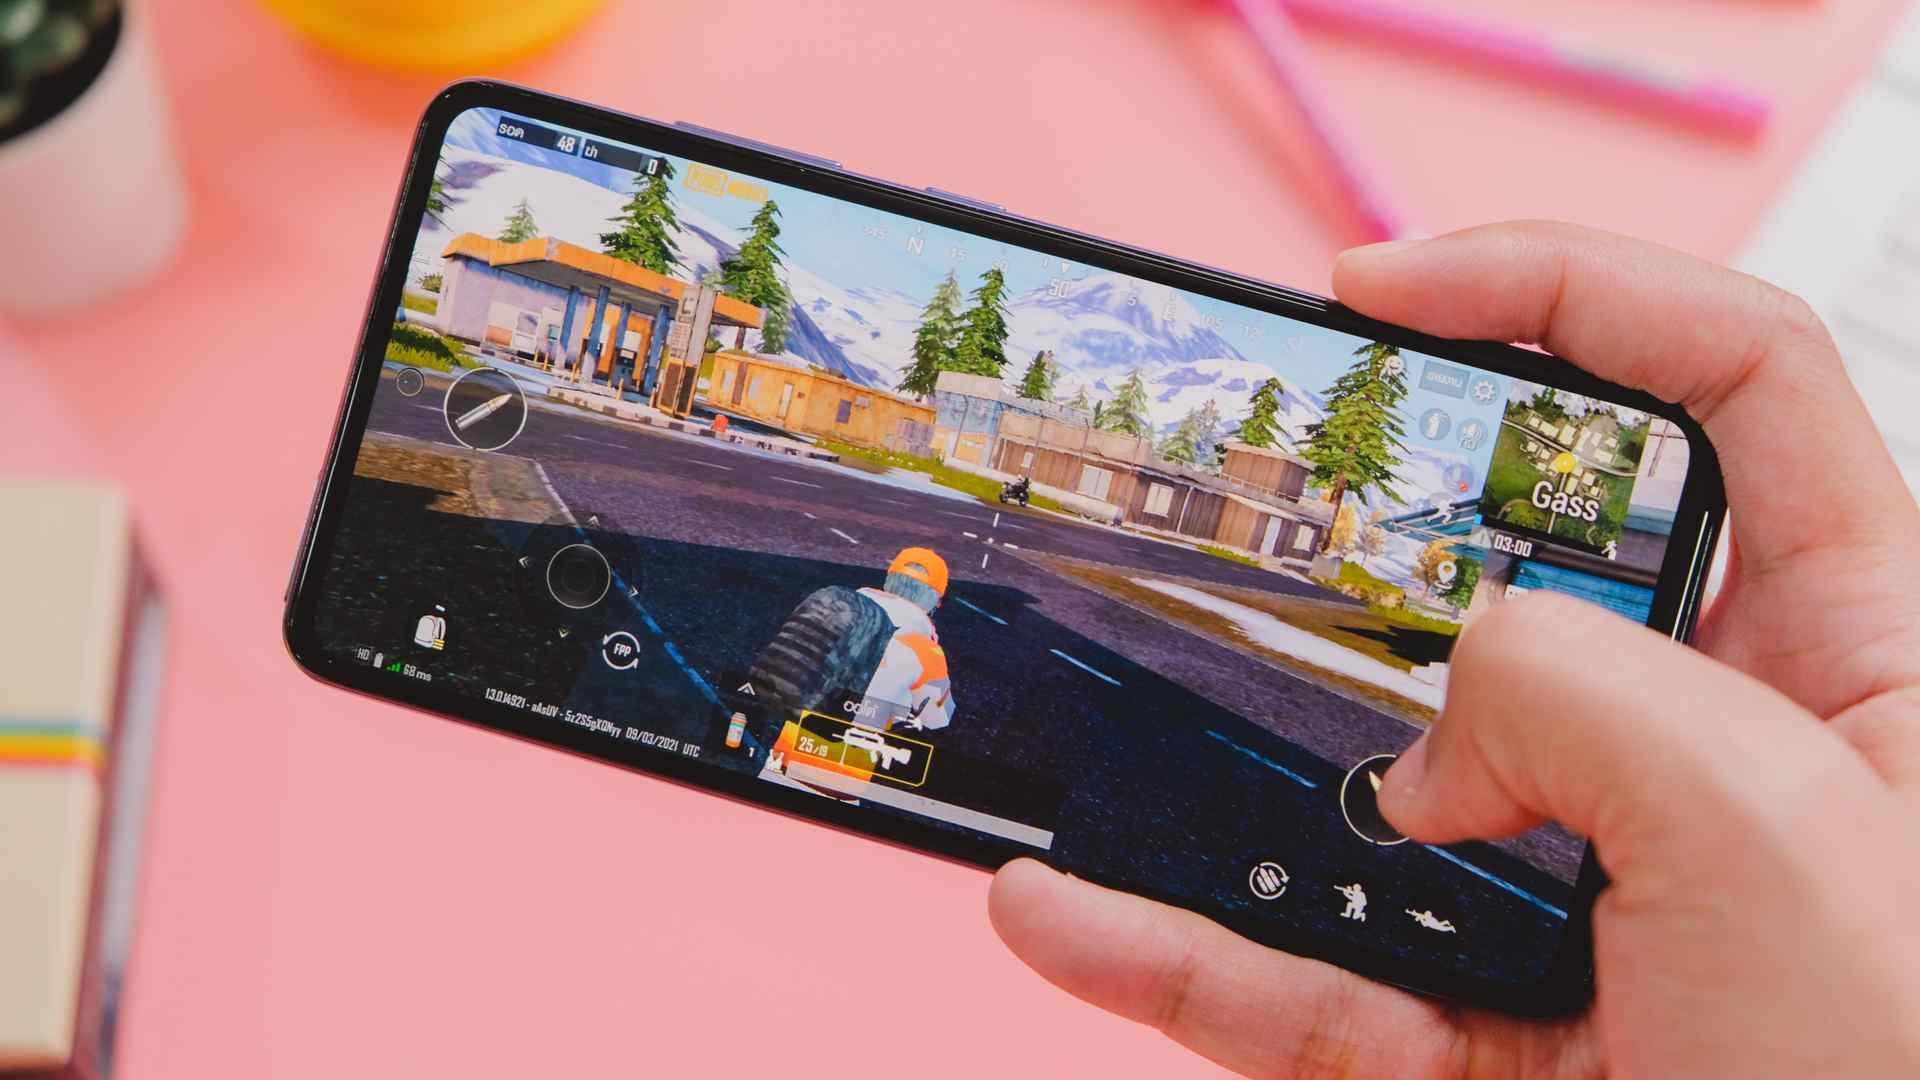 Foto de um celular A52 rodando um jogo e sendo segurado por uma mão